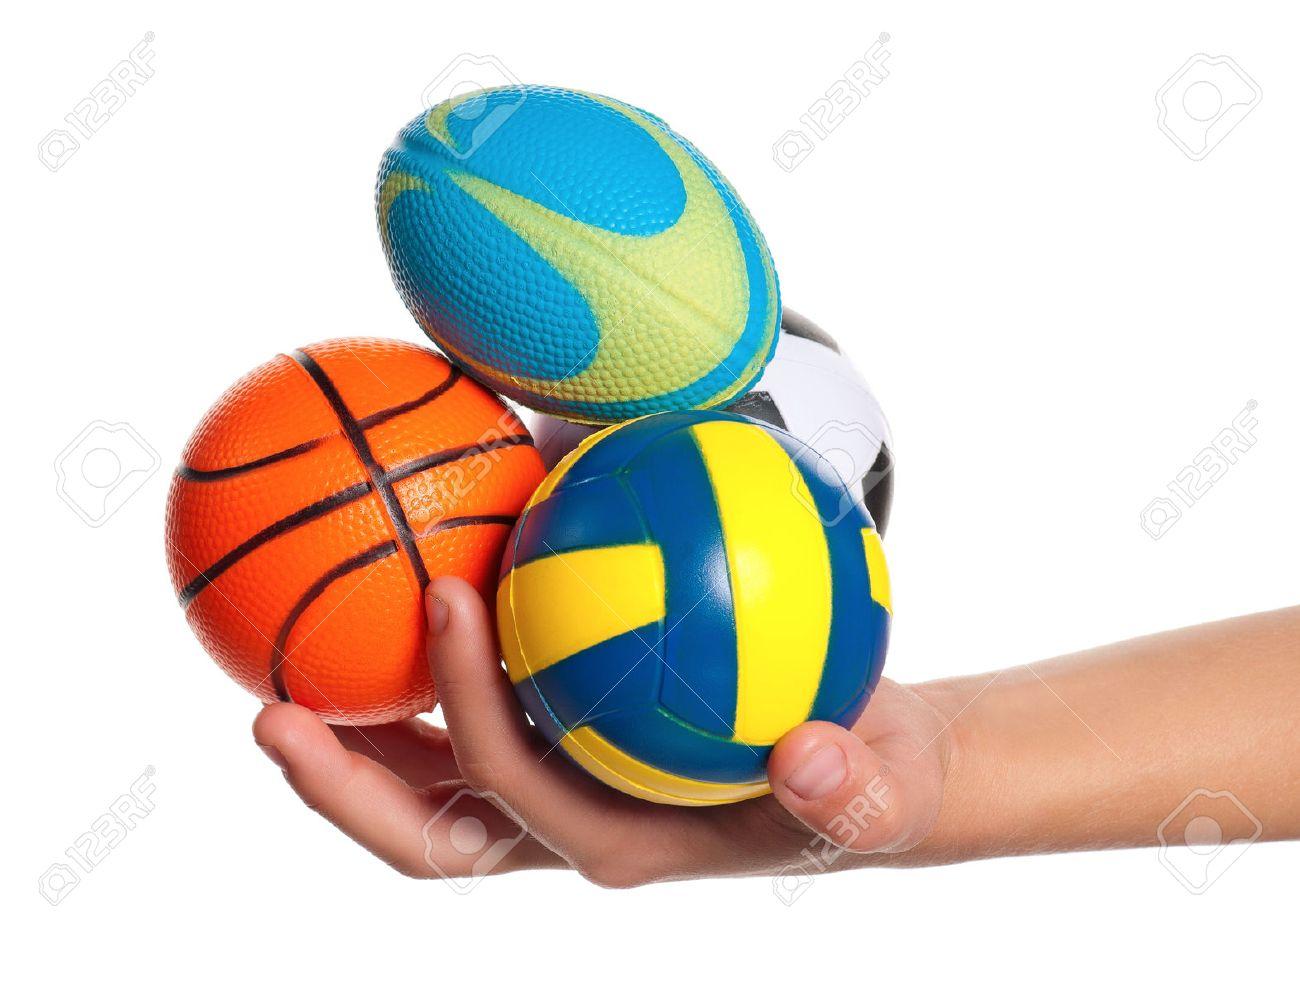 f3a4034726f28 Foto de archivo - Niño con la mano pequeña de voleibol